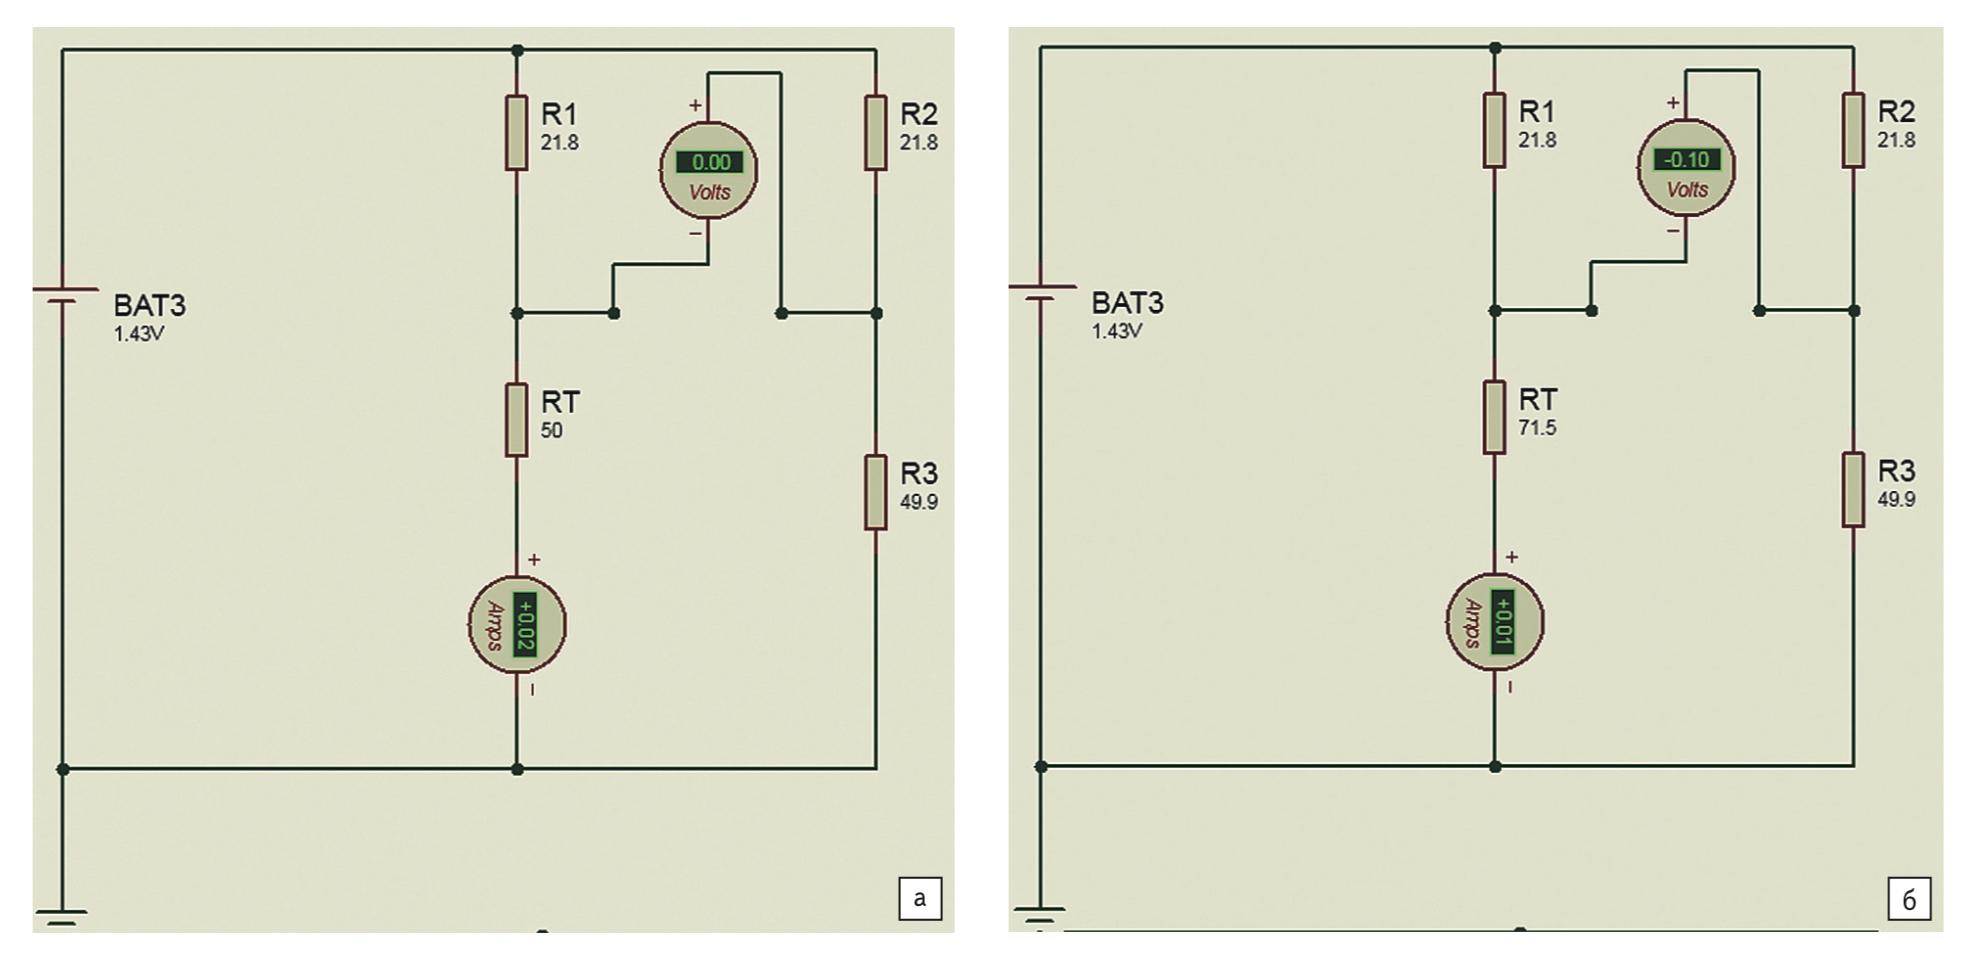 Моделирование в Proteus мостовой схемы без учета сопротивления нагрузки: а) для Rt1 = 50 Ом; б) для Rt2 = 71,5 Ом